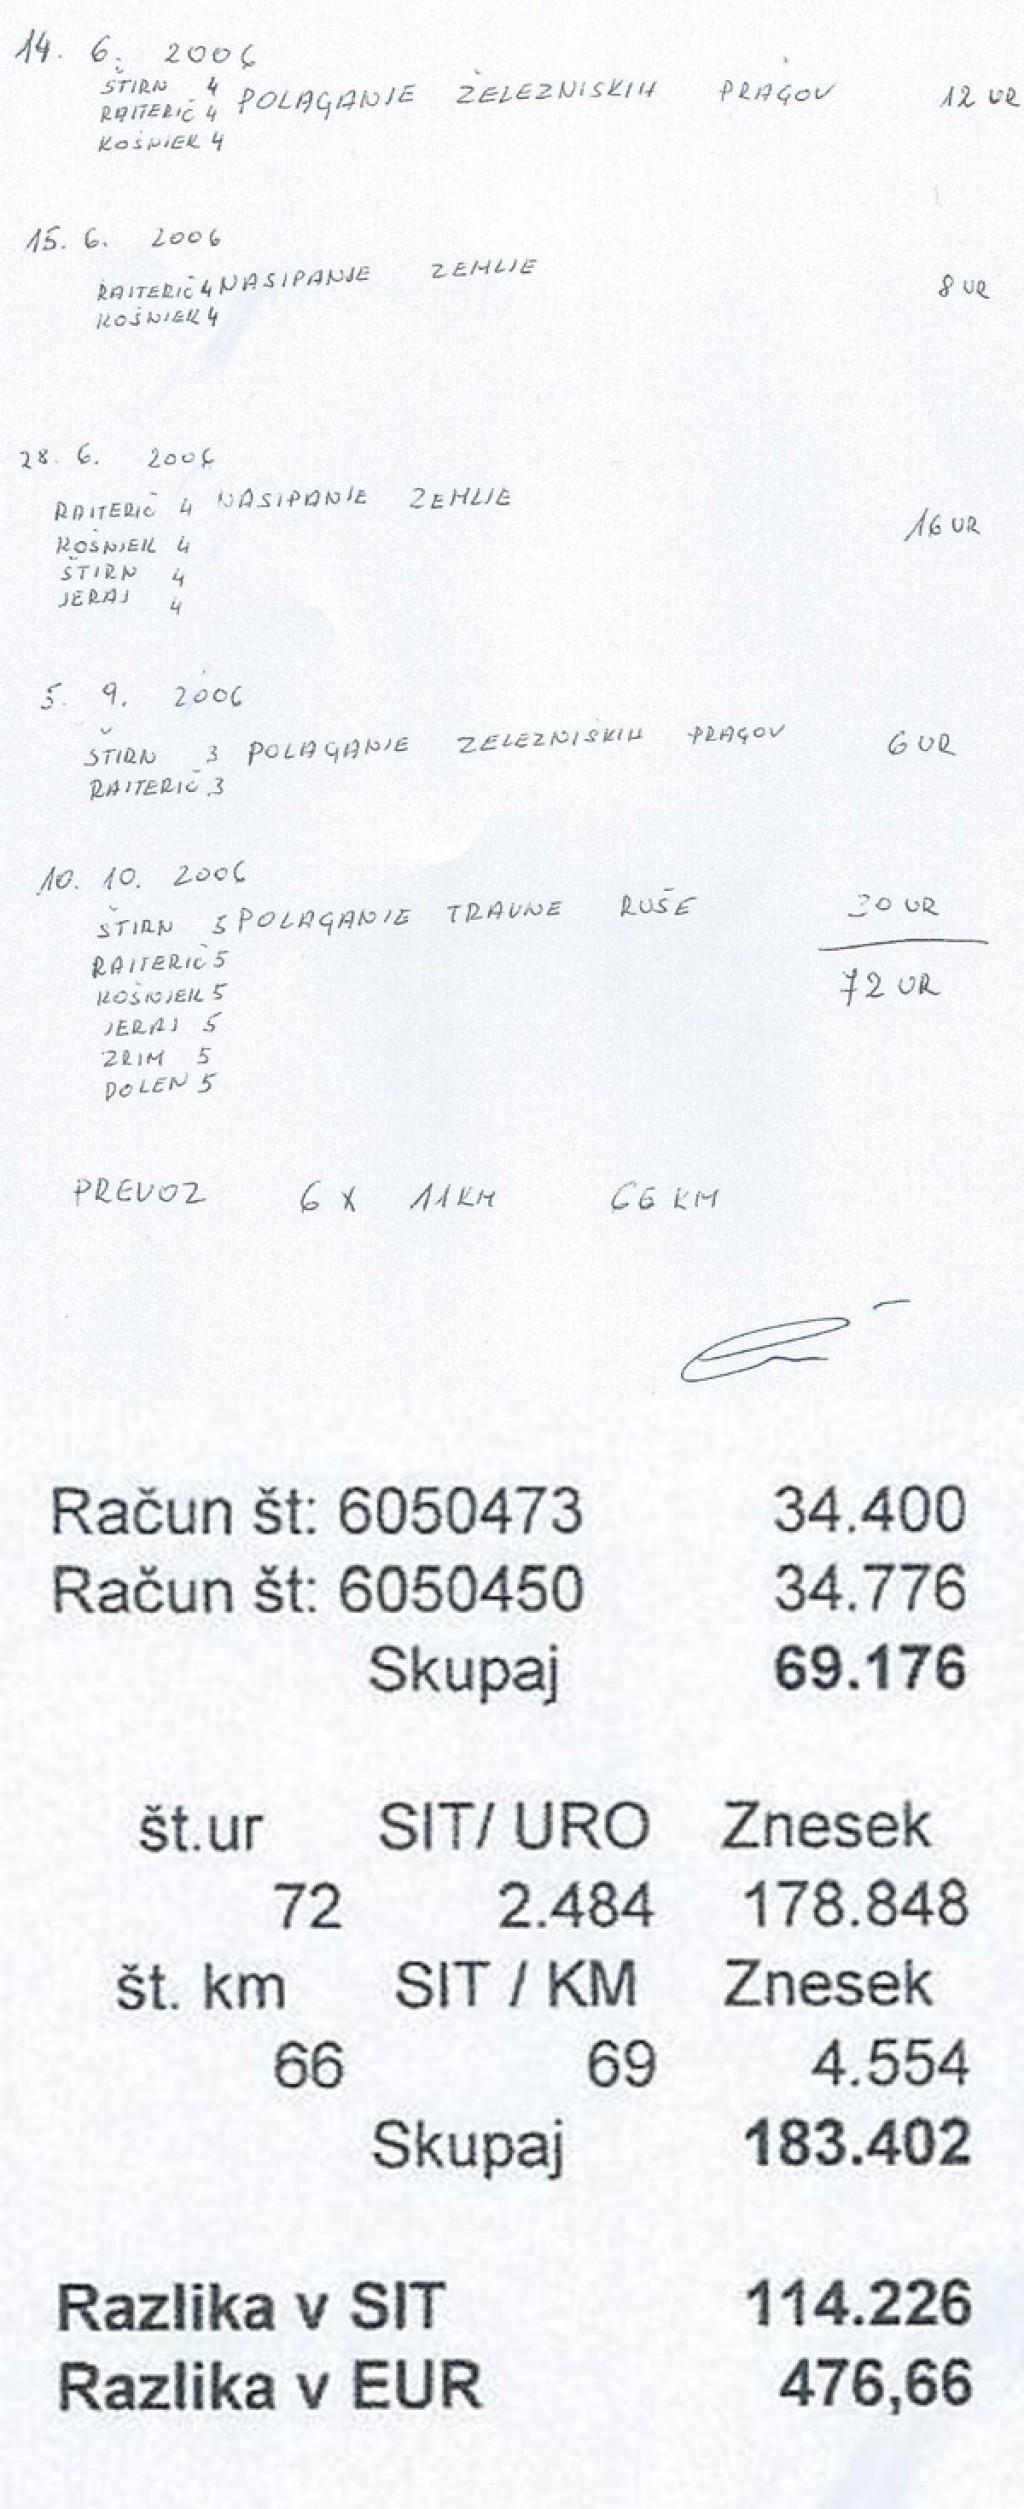 Obračun del, opravljenih junija 2006, ki ga je naknadno sestavil Marjan Česen. Pri obračunu se je spet izgubilo skoraj 500 evrov v korist Alenke Bratušek in v škodo zavoda Brdo.<br>